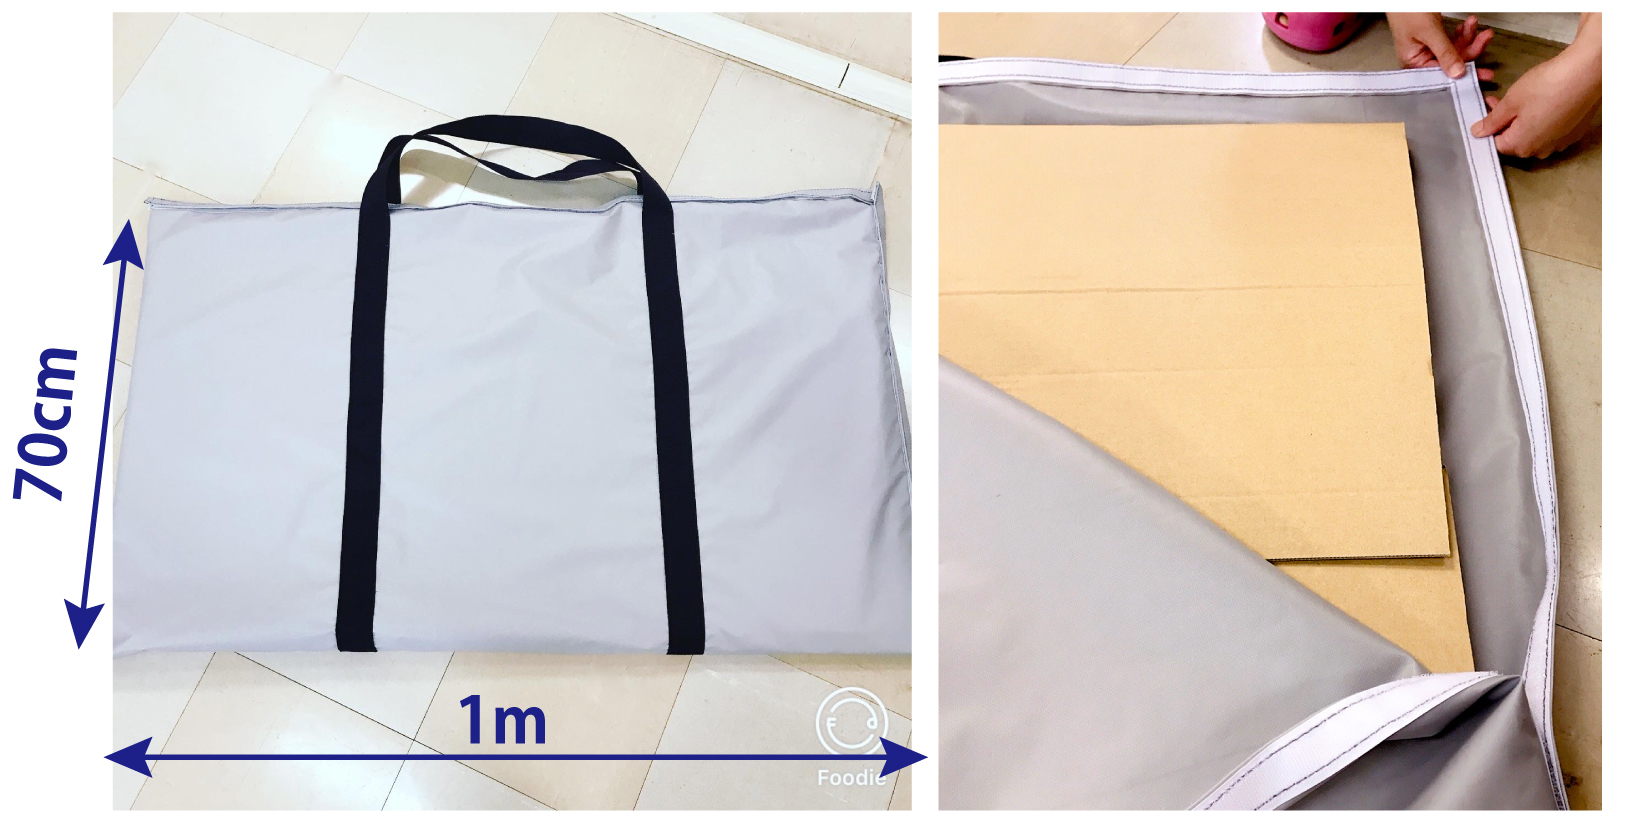 持ち運び用の大判テントバッグ